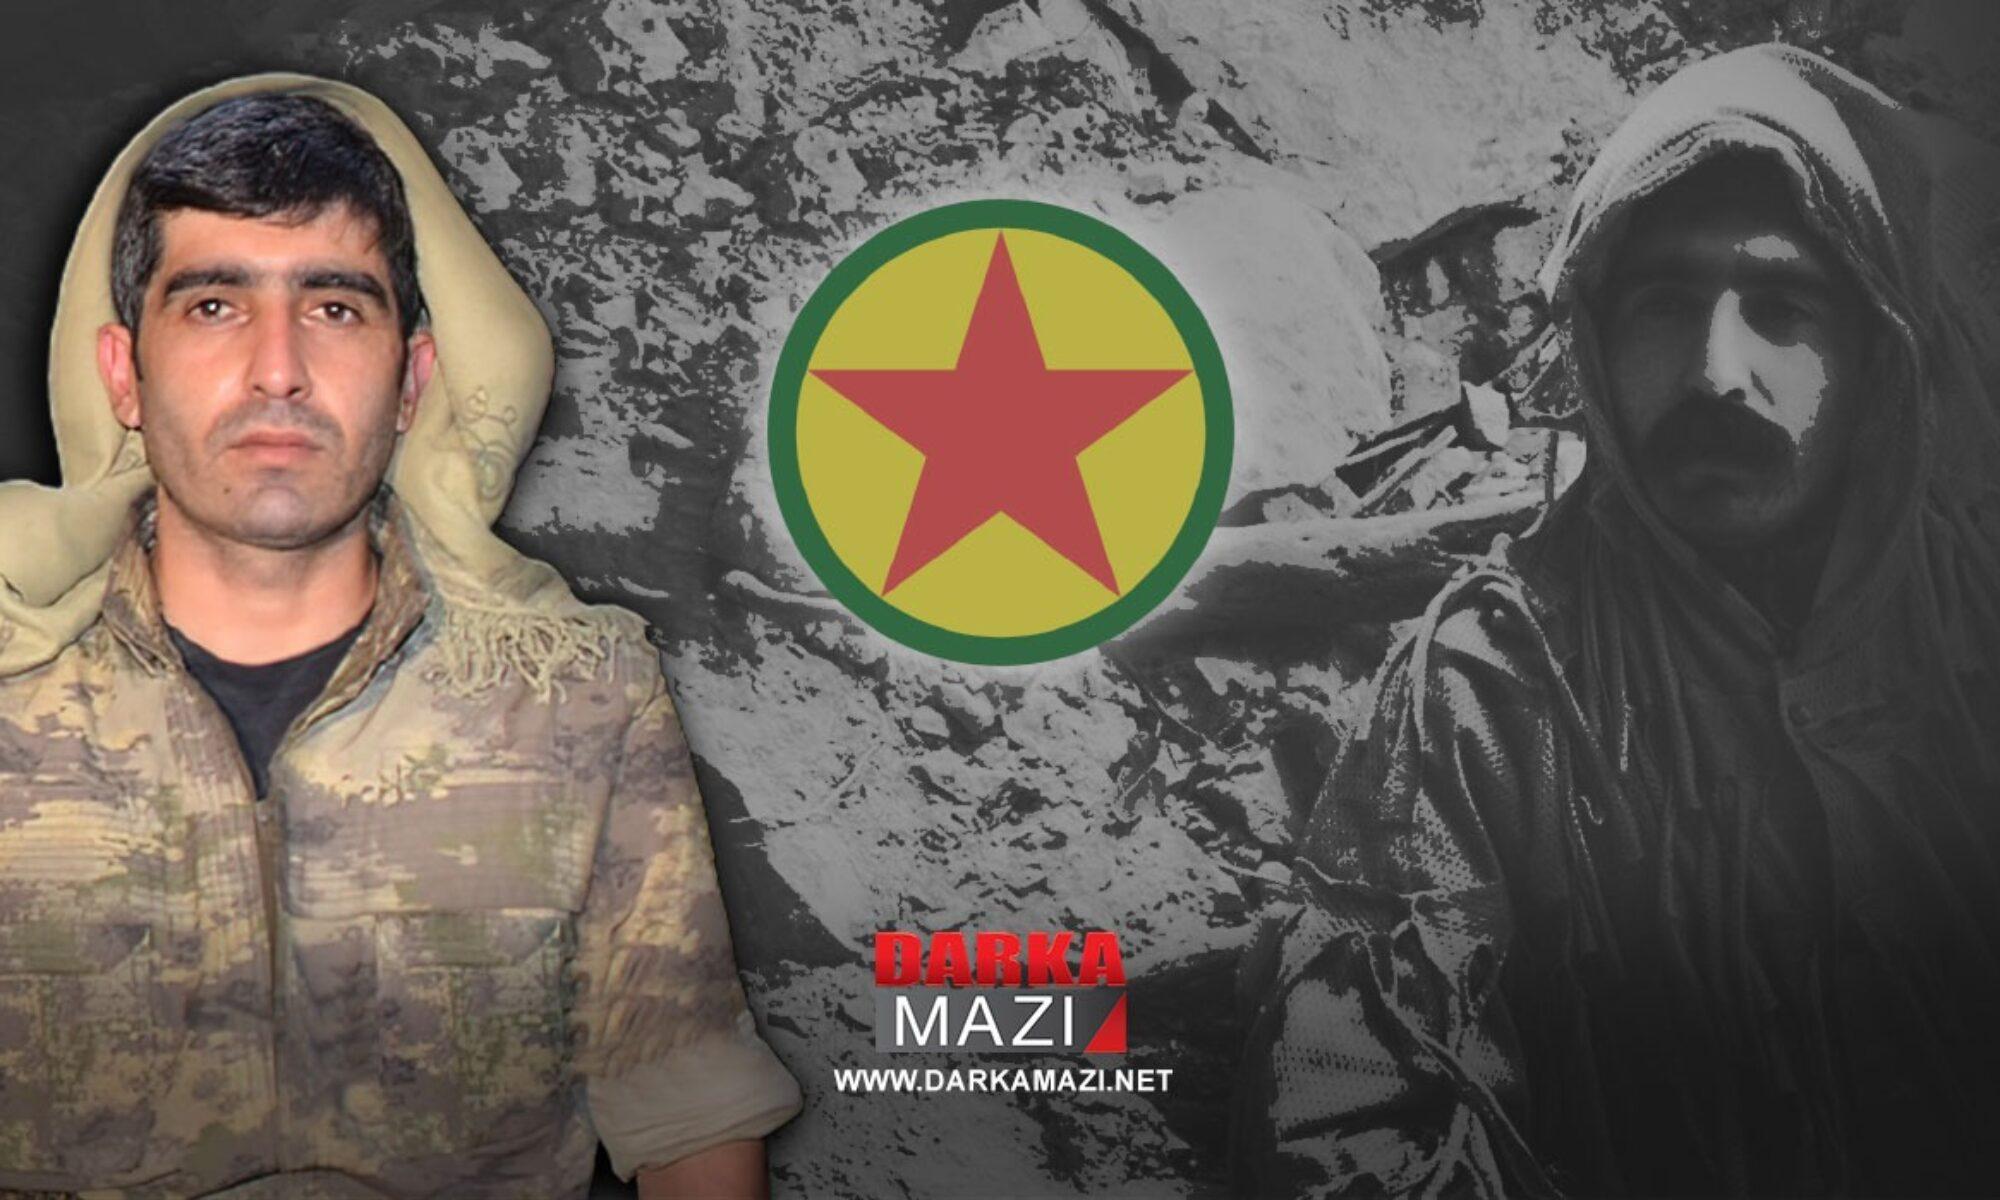 Özgür Jiyanda'nın açıklamaları, PKK'nin olası tepkileri ve hakikatler Vedat Aydın, Gazi Salih Alixan, Peşmerge, Metina, PKK medyası, gerilla, hakikat,